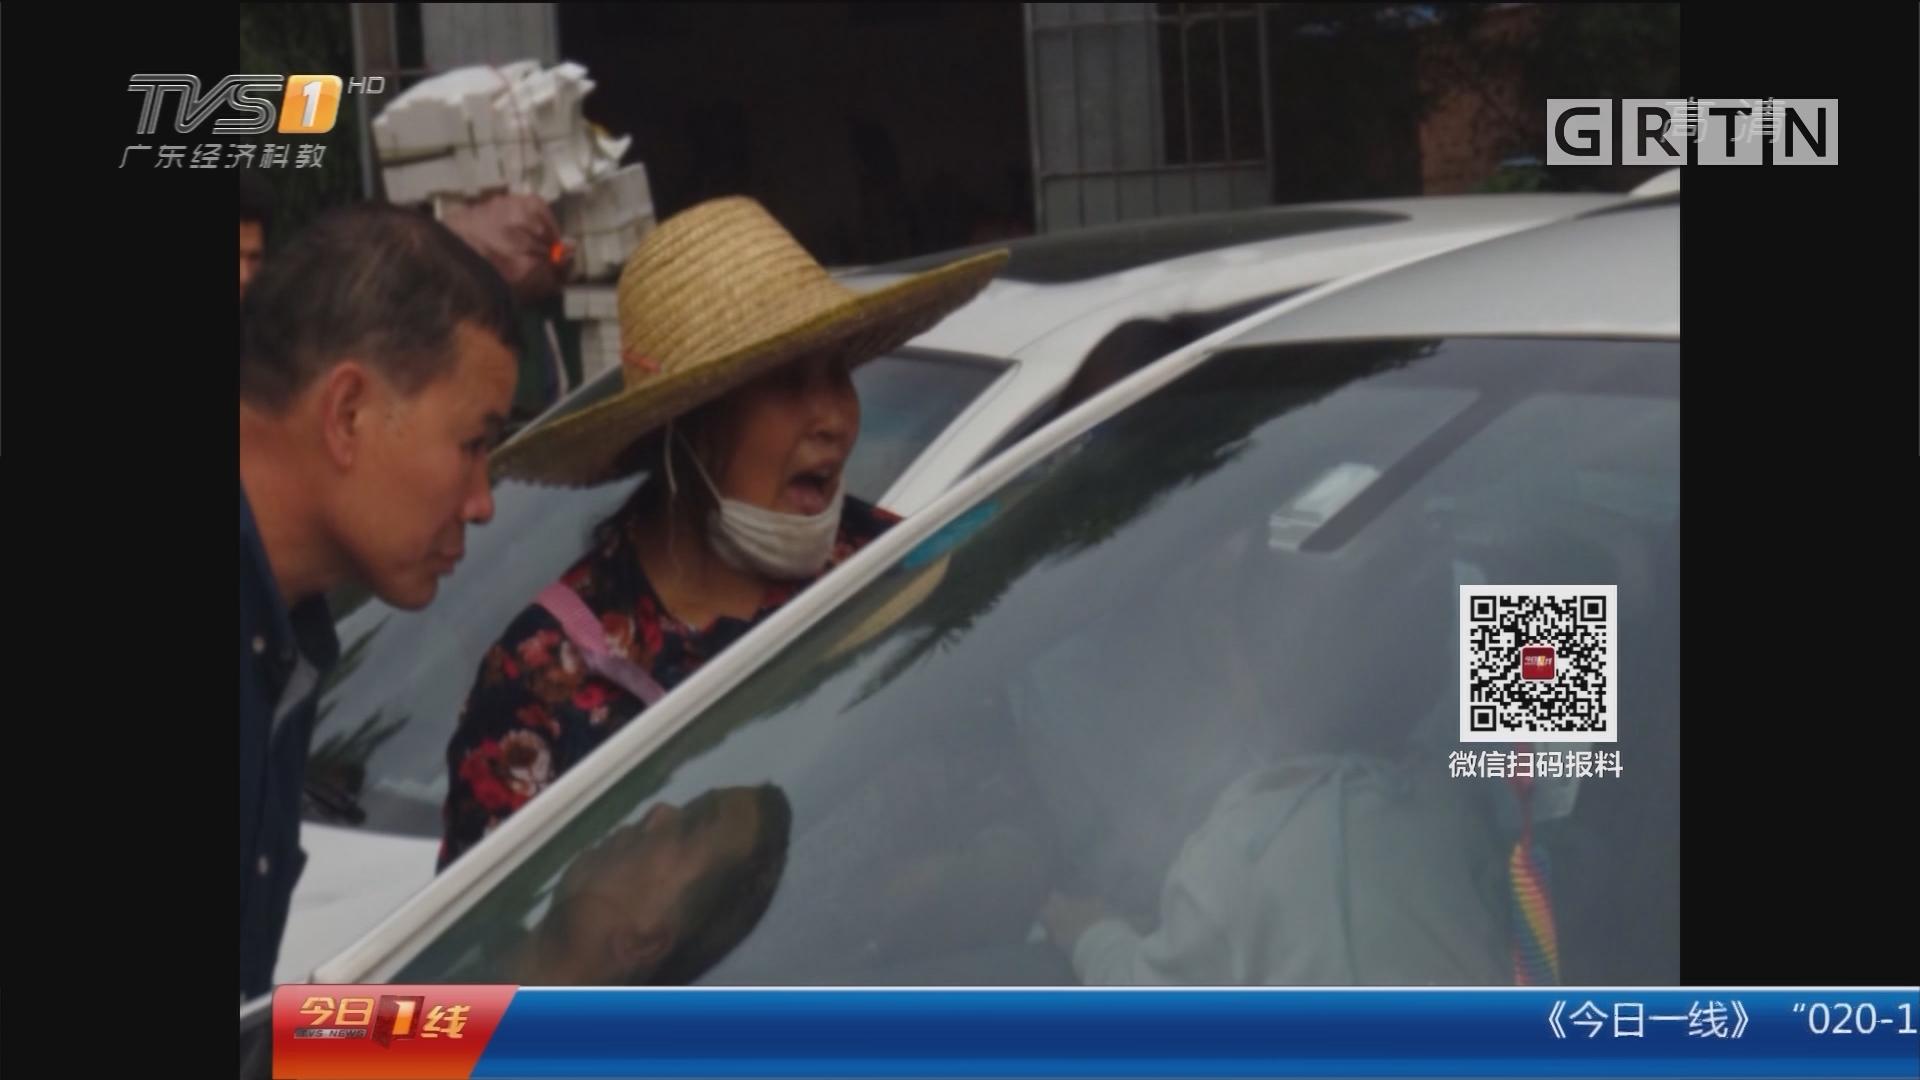 佛山禅城:遗落车匙门被锁 求助消防破窗救娃